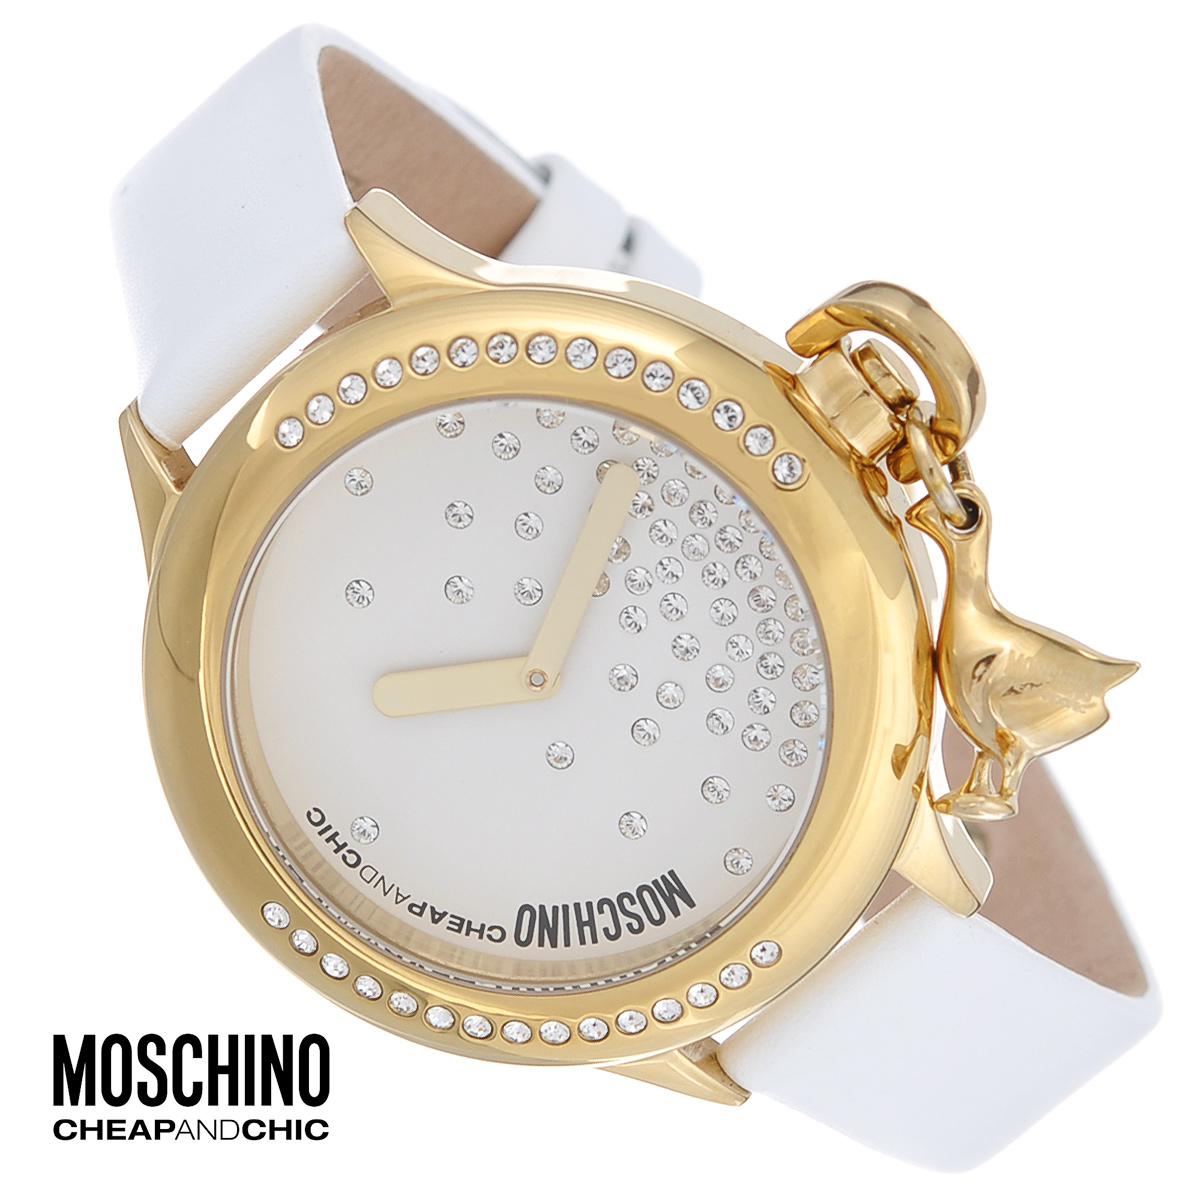 Часы женские наручные Moschino, цвет: белый, золотой. MW0044EQW-M710DB-1A1Наручные часы от известного итальянского бренда Moschino - это не только стильный и функциональный аксессуар, но и современные технологи, сочетающиеся с экстравагантным дизайном и индивидуальностью. Часы Moschino оснащены кварцевым механизмом. Корпус выполнен из высококачественной нержавеющей стали с PVD-покрытием. Циферблат декорирован россыпью кристаллов и защищен минеральным стеклом. Заводная головка оформлена подвеской в виде птицы. Часы имеют две стрелки - часовую и минутную. Ремешок часов выполнен из натуральной кожи и оснащен классической застежкой. Часы упакованы в фирменную металлическую коробку с логотипом бренда. Часы Moschino благодаря своему уникальному дизайну отличаются от часов других марок своеобразными циферблатами, функциональностью, а также набором уникальных технических свойств. Каждой модели присуща легкая экстравагантность, самобытность и, безусловно, великолепный вкус. Характеристики:Диаметр циферблата: 3 см.Размер корпуса: 4 см х 4 см х 1,1 см.Длина ремешка (с корпусом): 22 см.Ширина ремешка: 1,4 см.